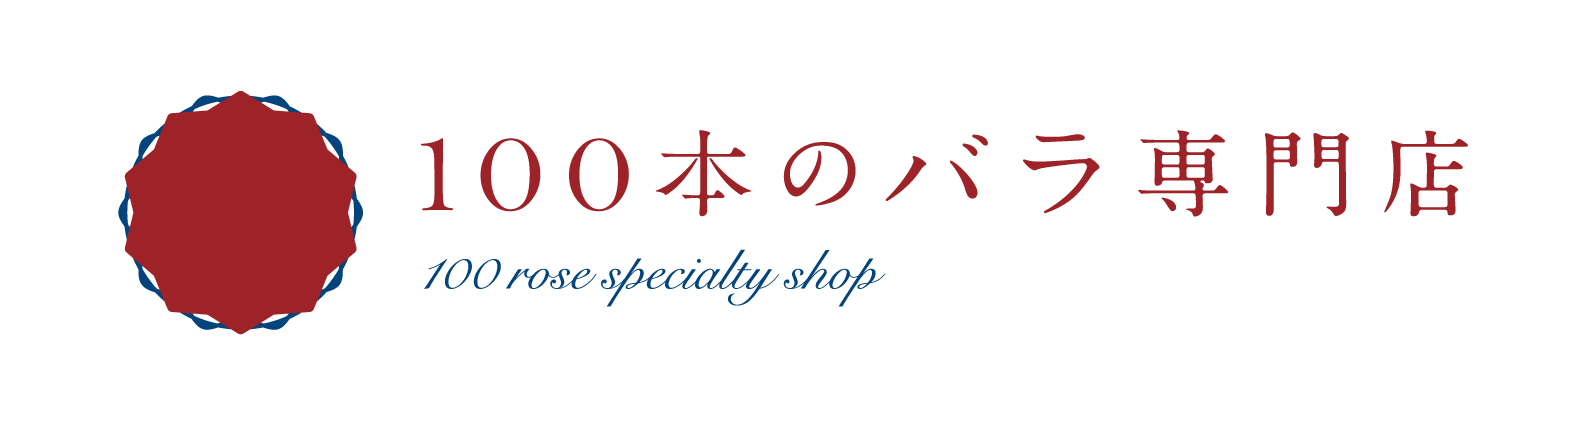 100本のバラ専門店